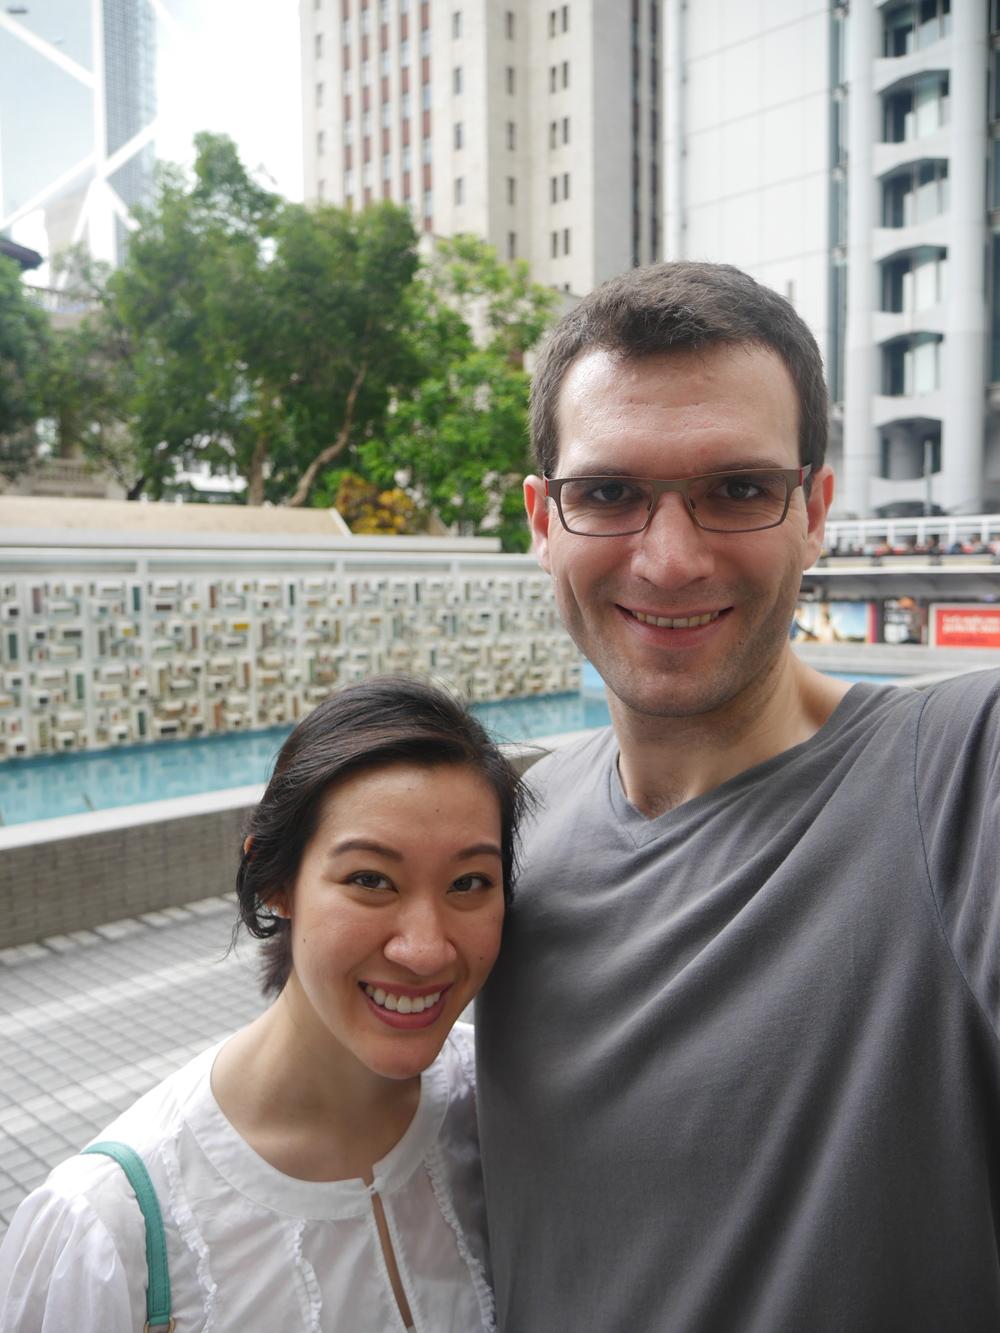 Statue Square selfie!